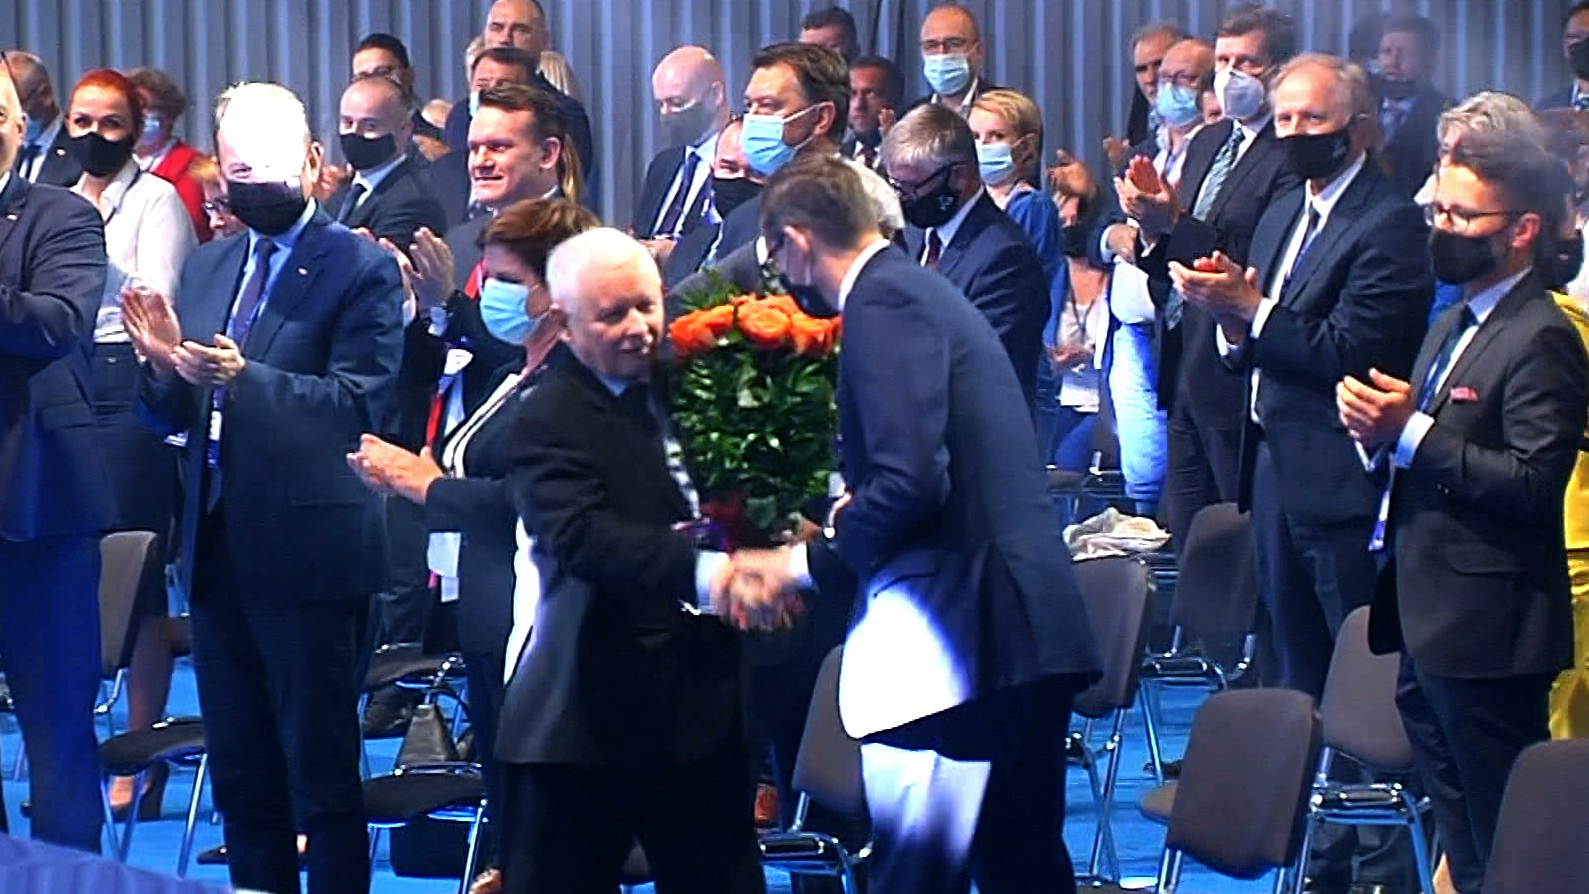 Kongres PiS za zamkniętymi drzwiami. Jarosław Kaczyński ponowie szefem partii